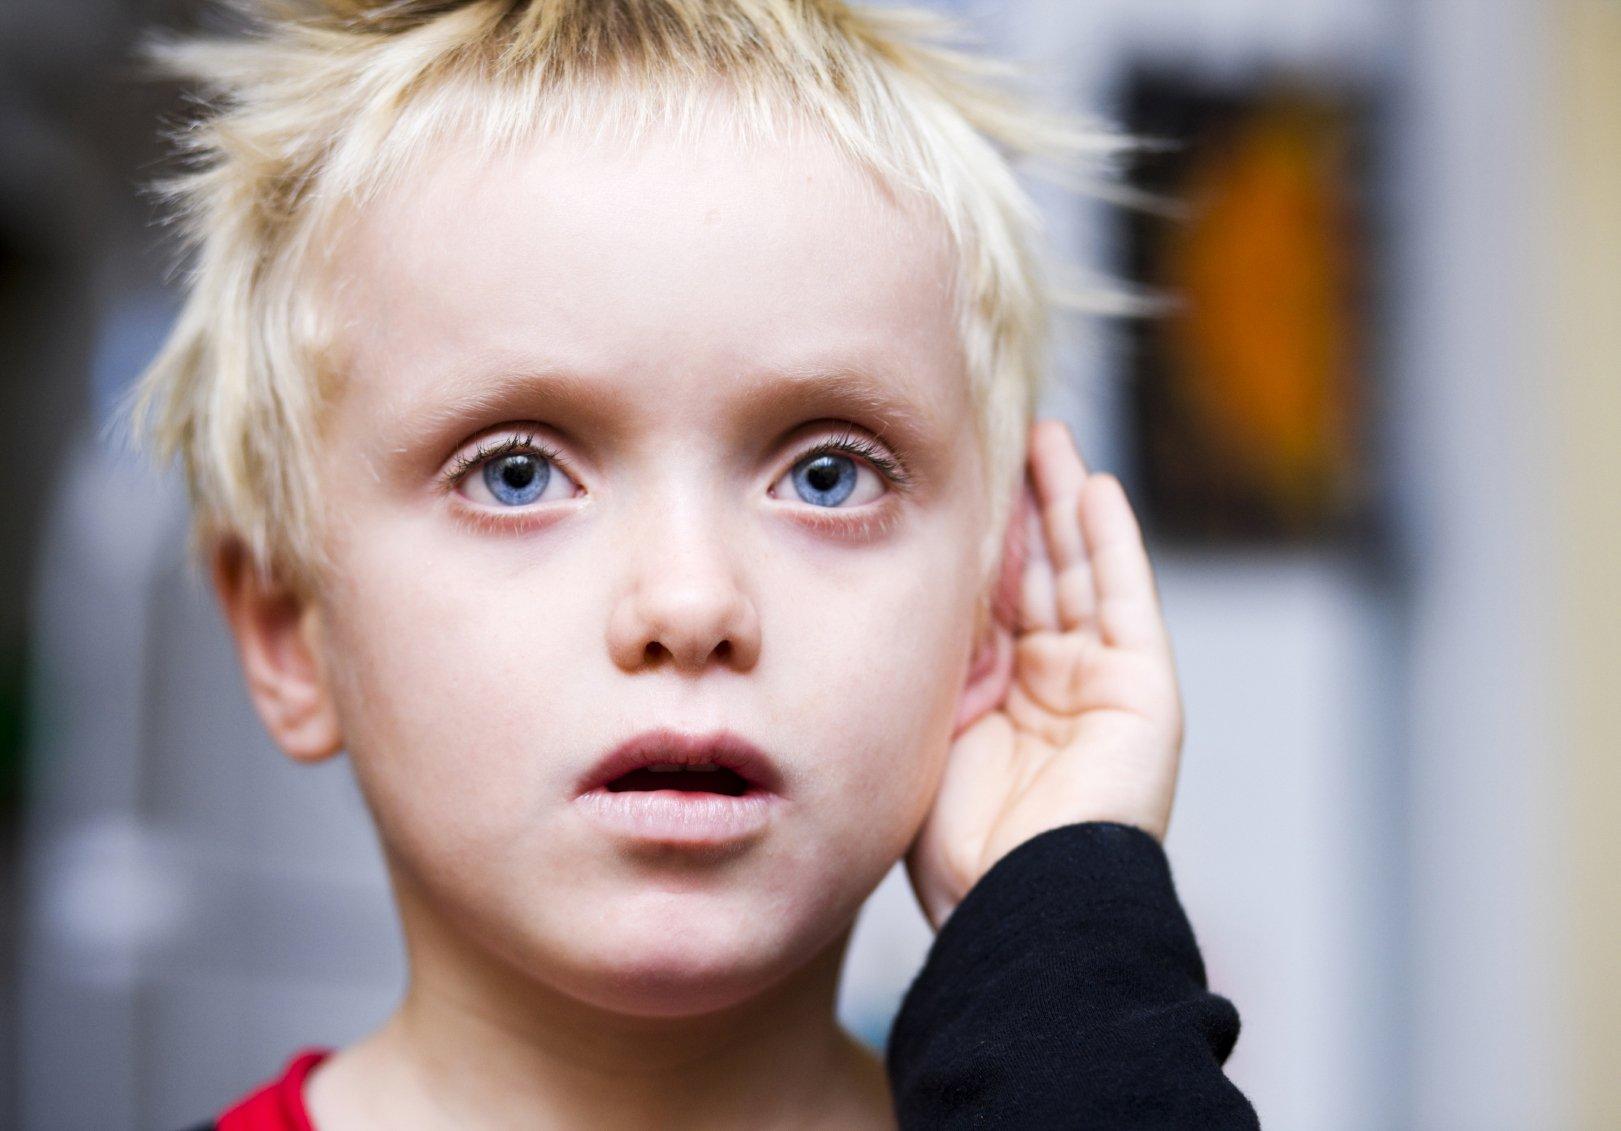 Как распознать и вылечить детский аутизм?